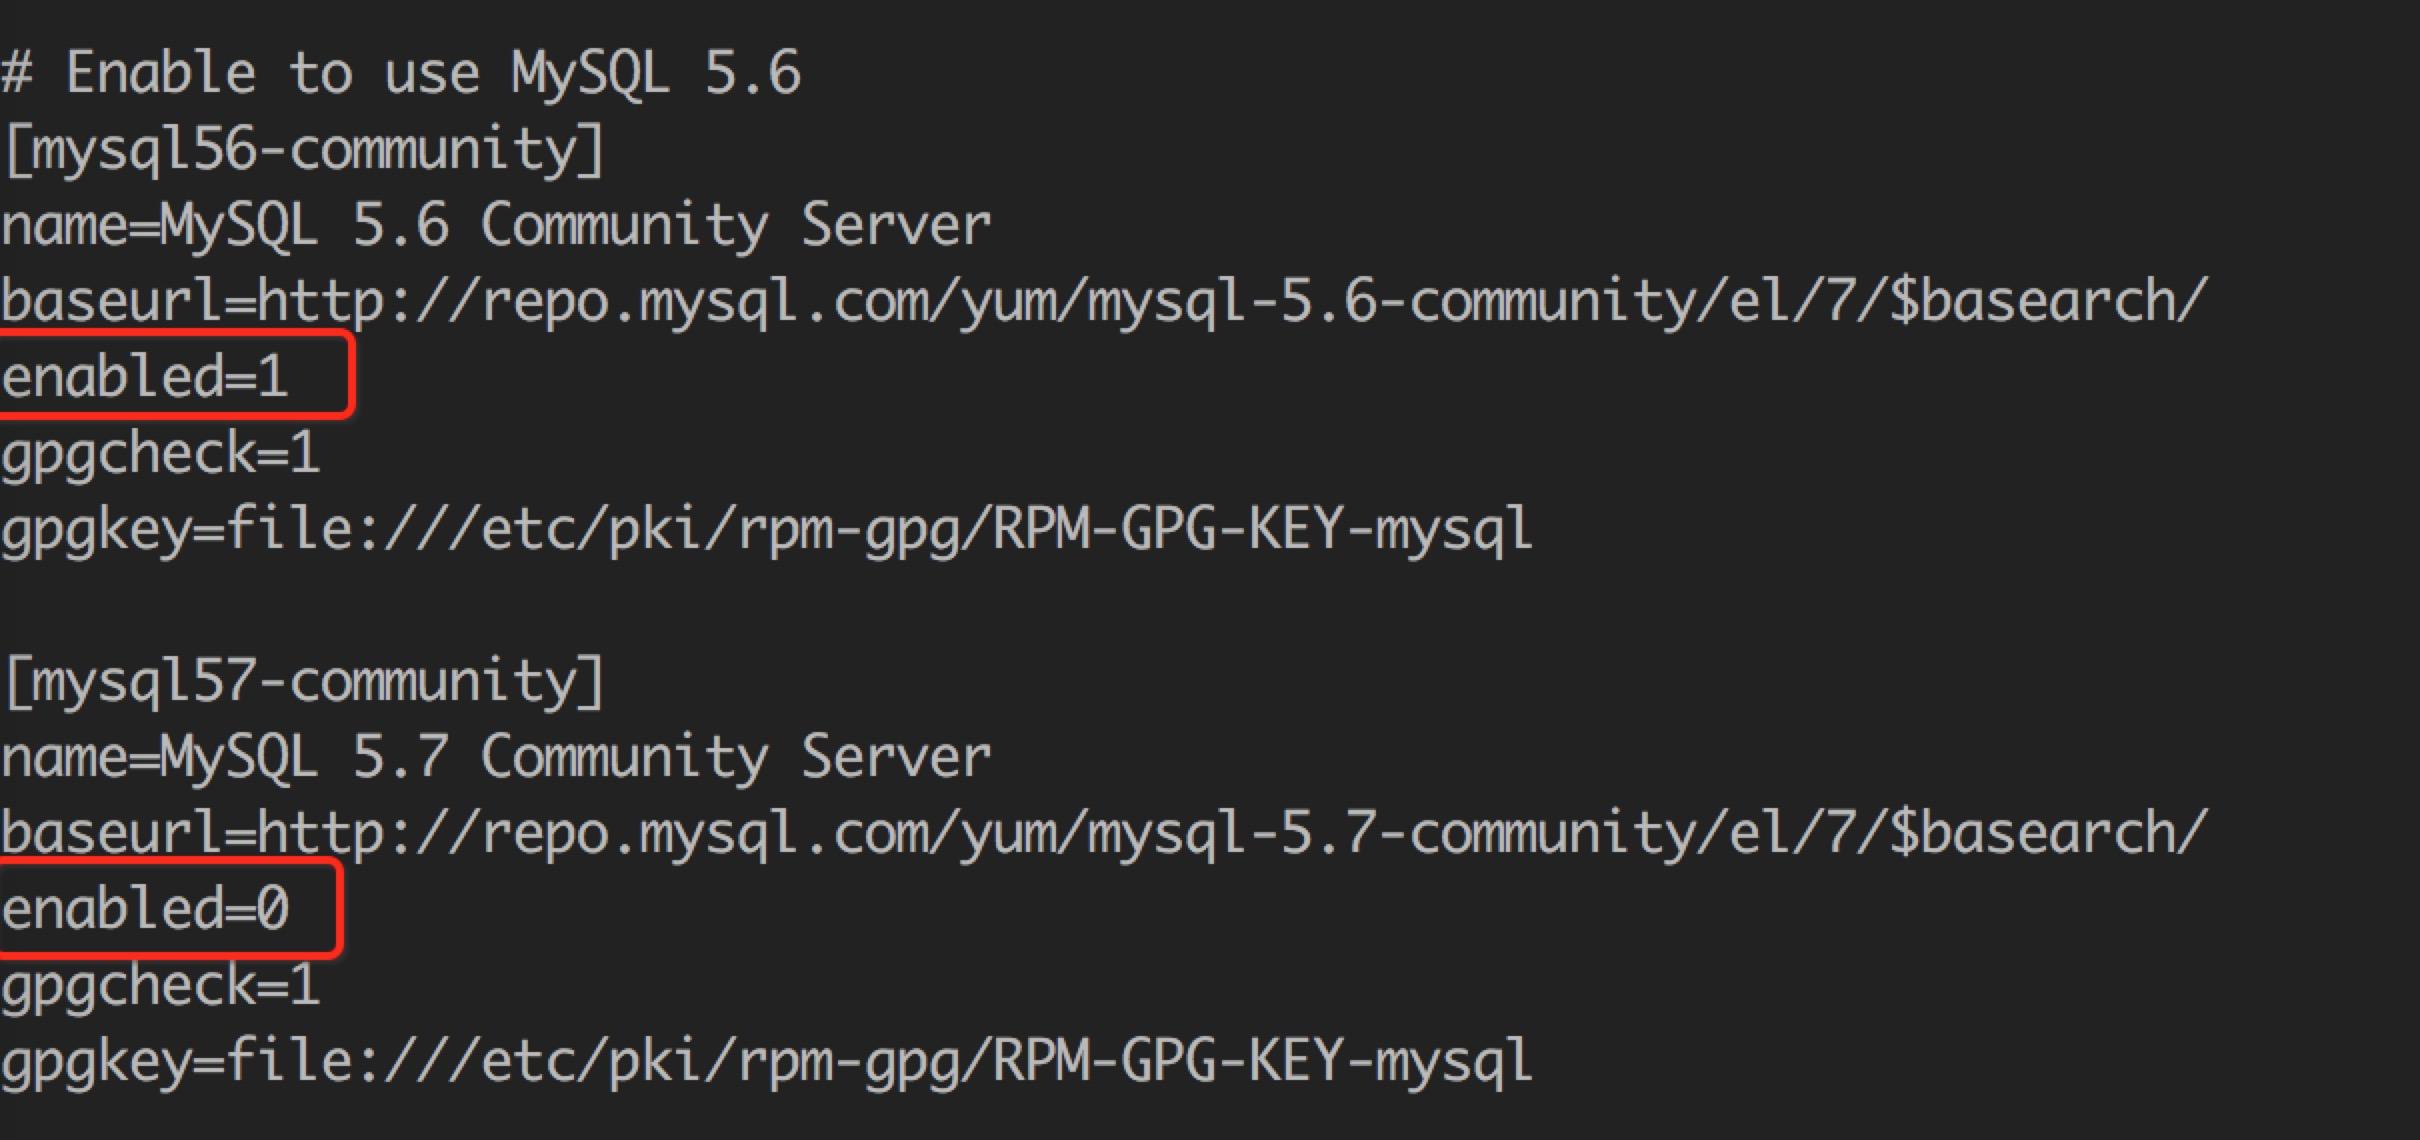 修改 MySQL yum 源的配置文件